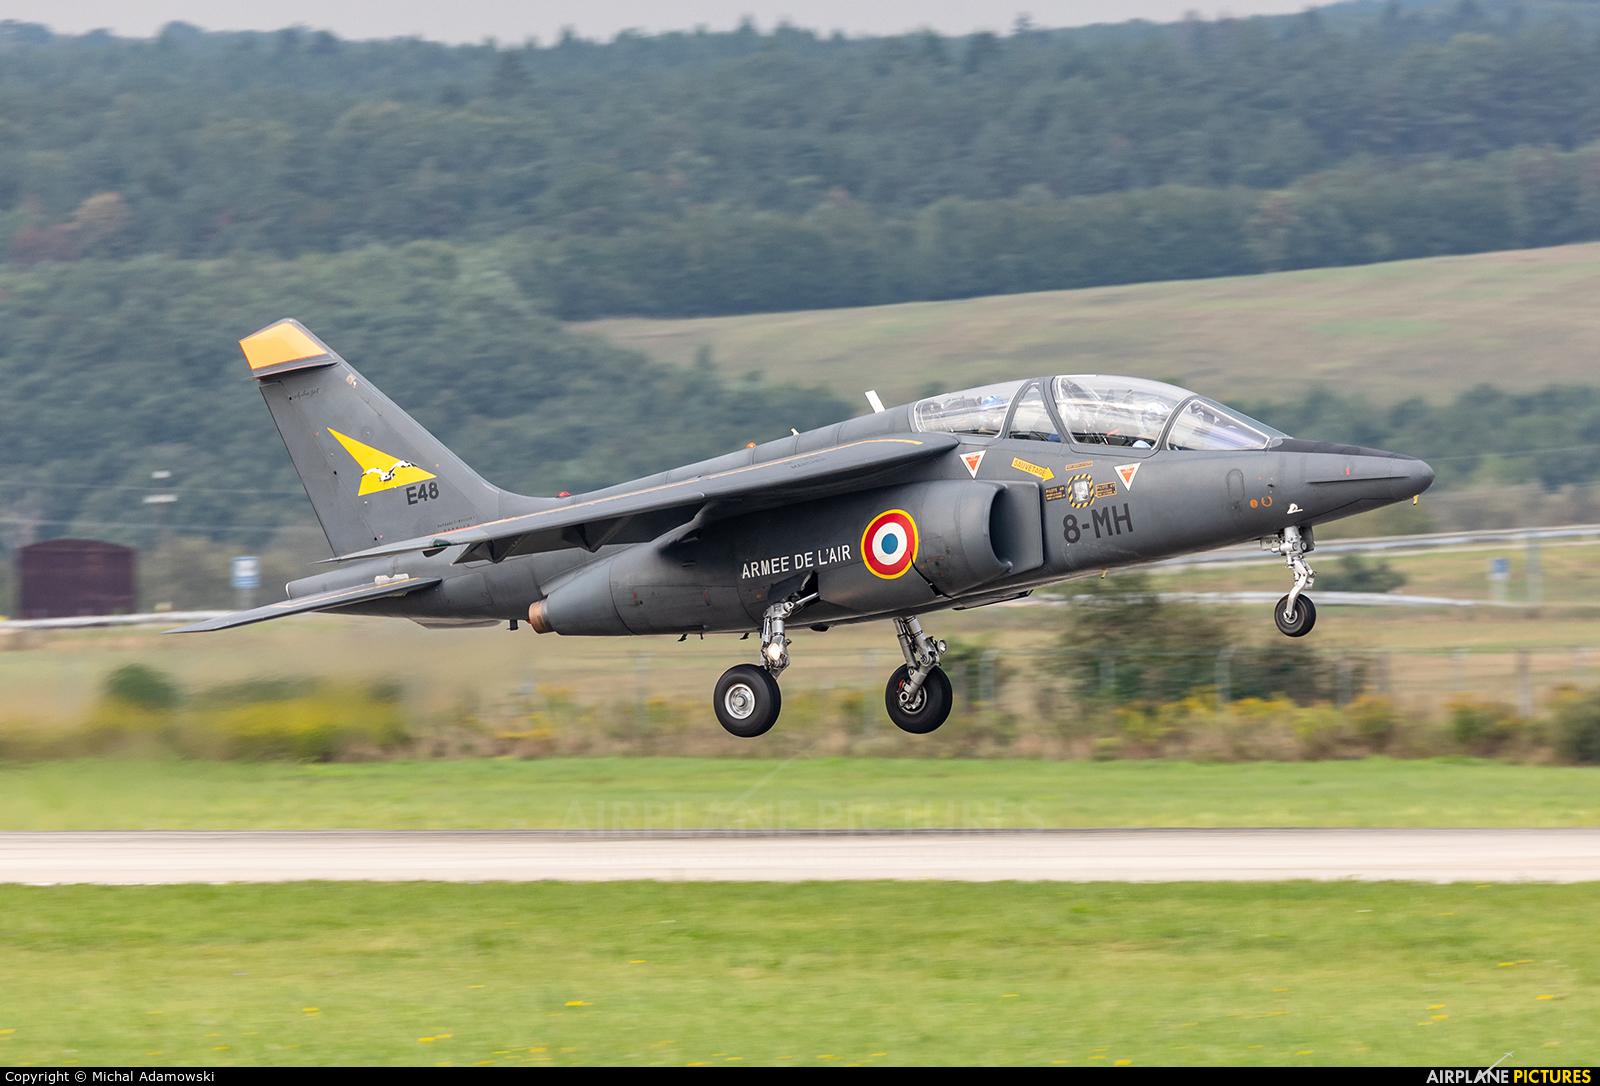 France - Air Force E48 aircraft at Sliač